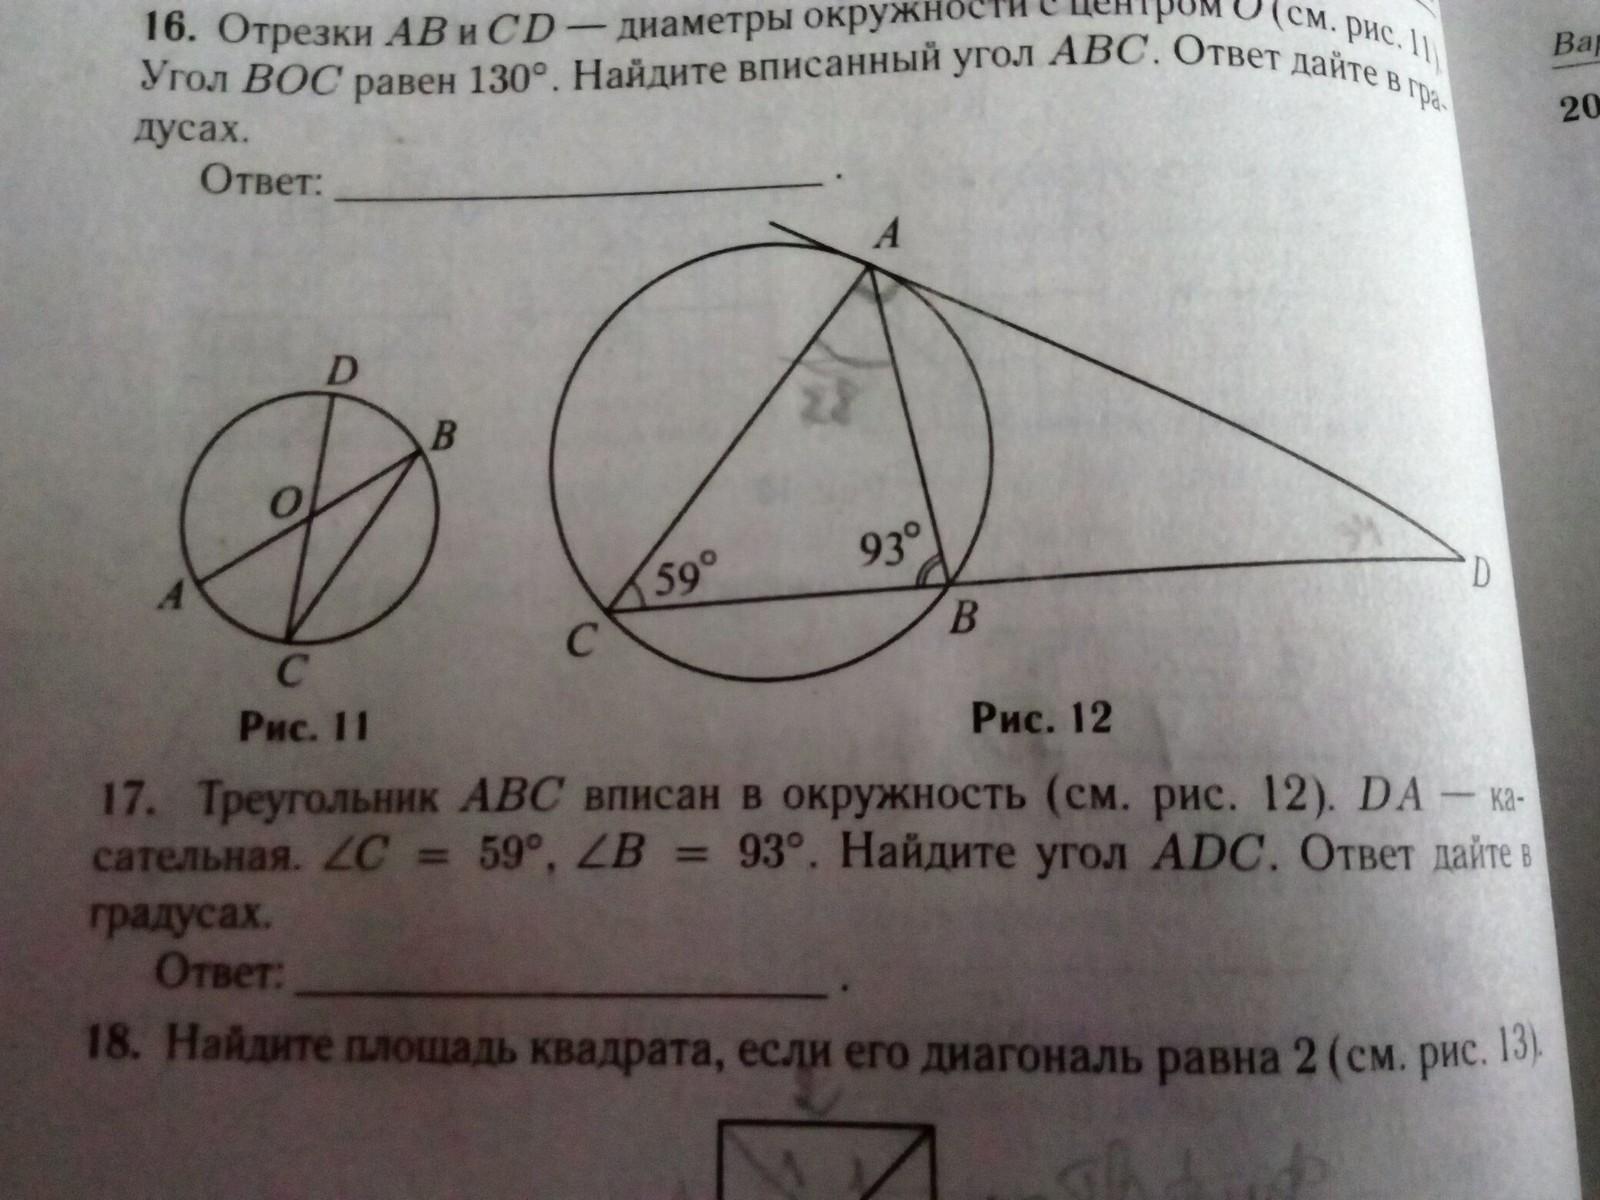 Решение задач на градусы составь алгоритм решения класса задач поиска площади